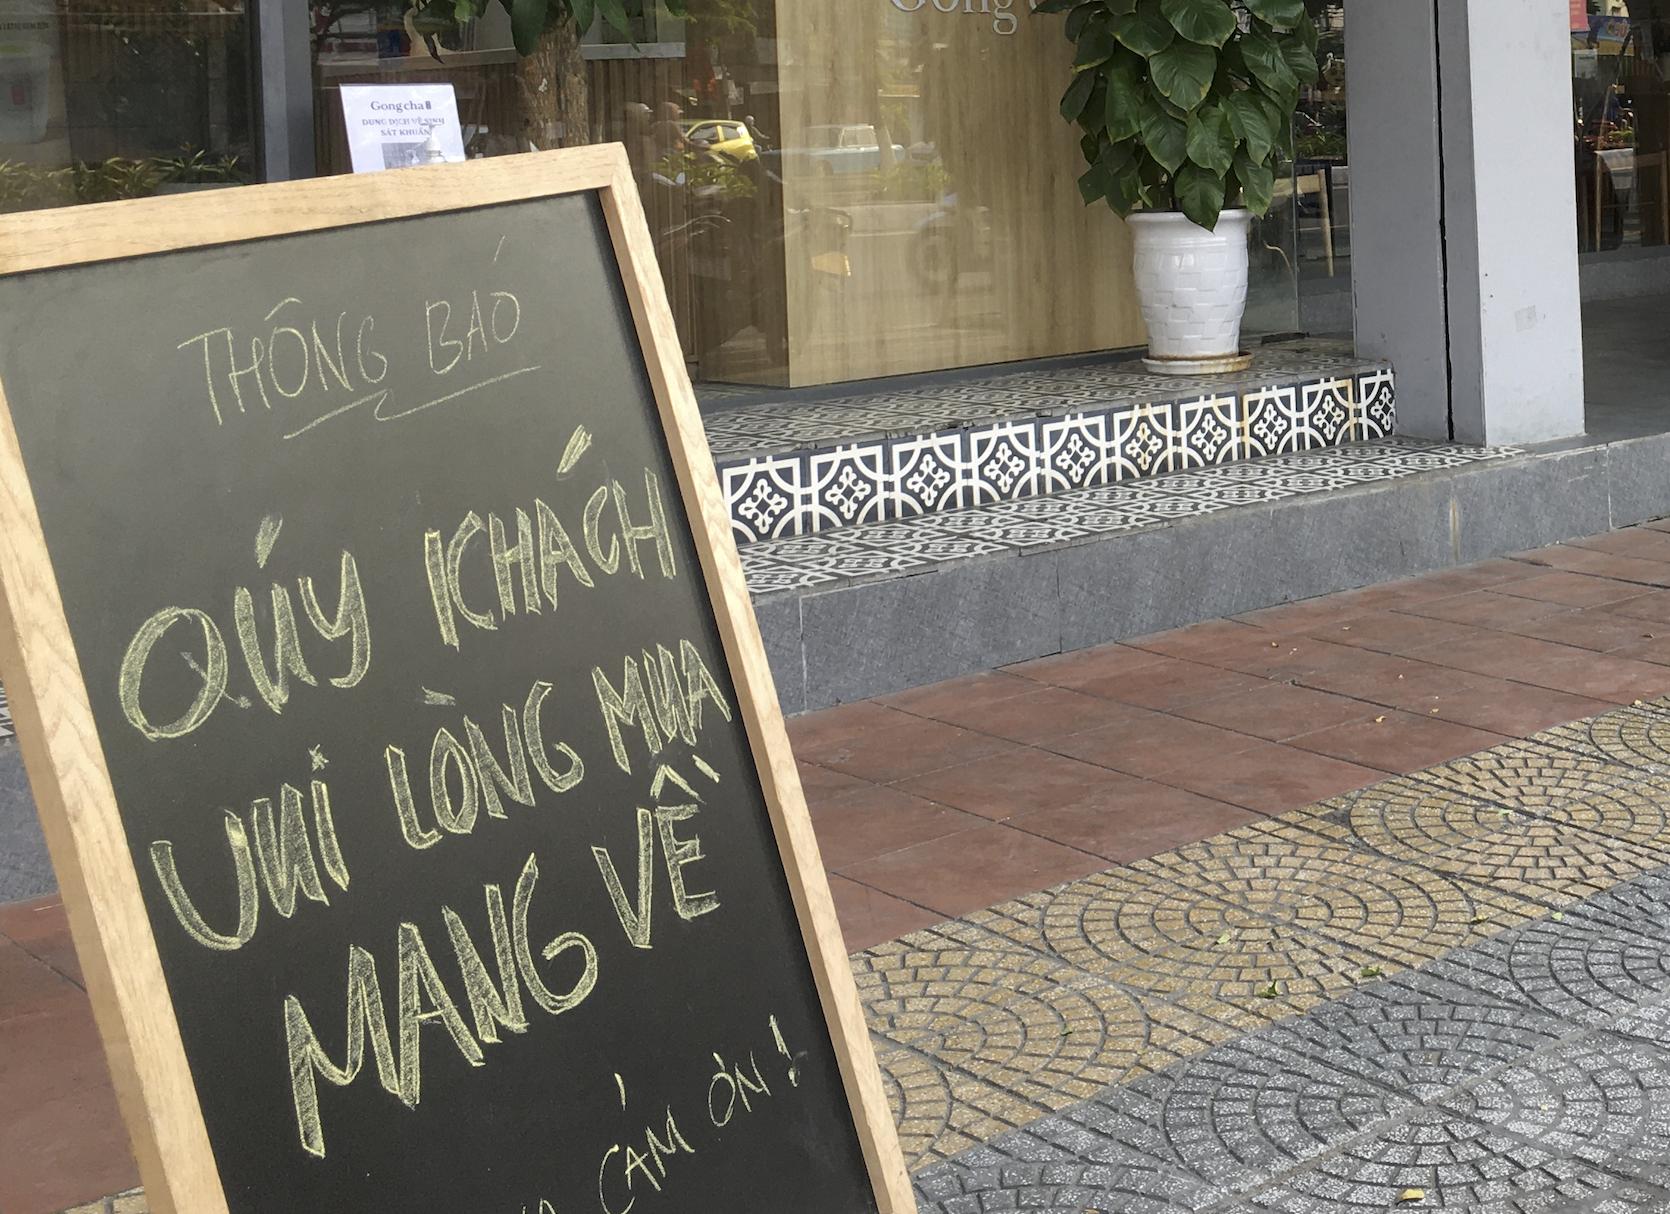 Đà Nẵng: Hàng ăn uống bán qua mạng, mang đi chỉ hoạt động đến 0h ...